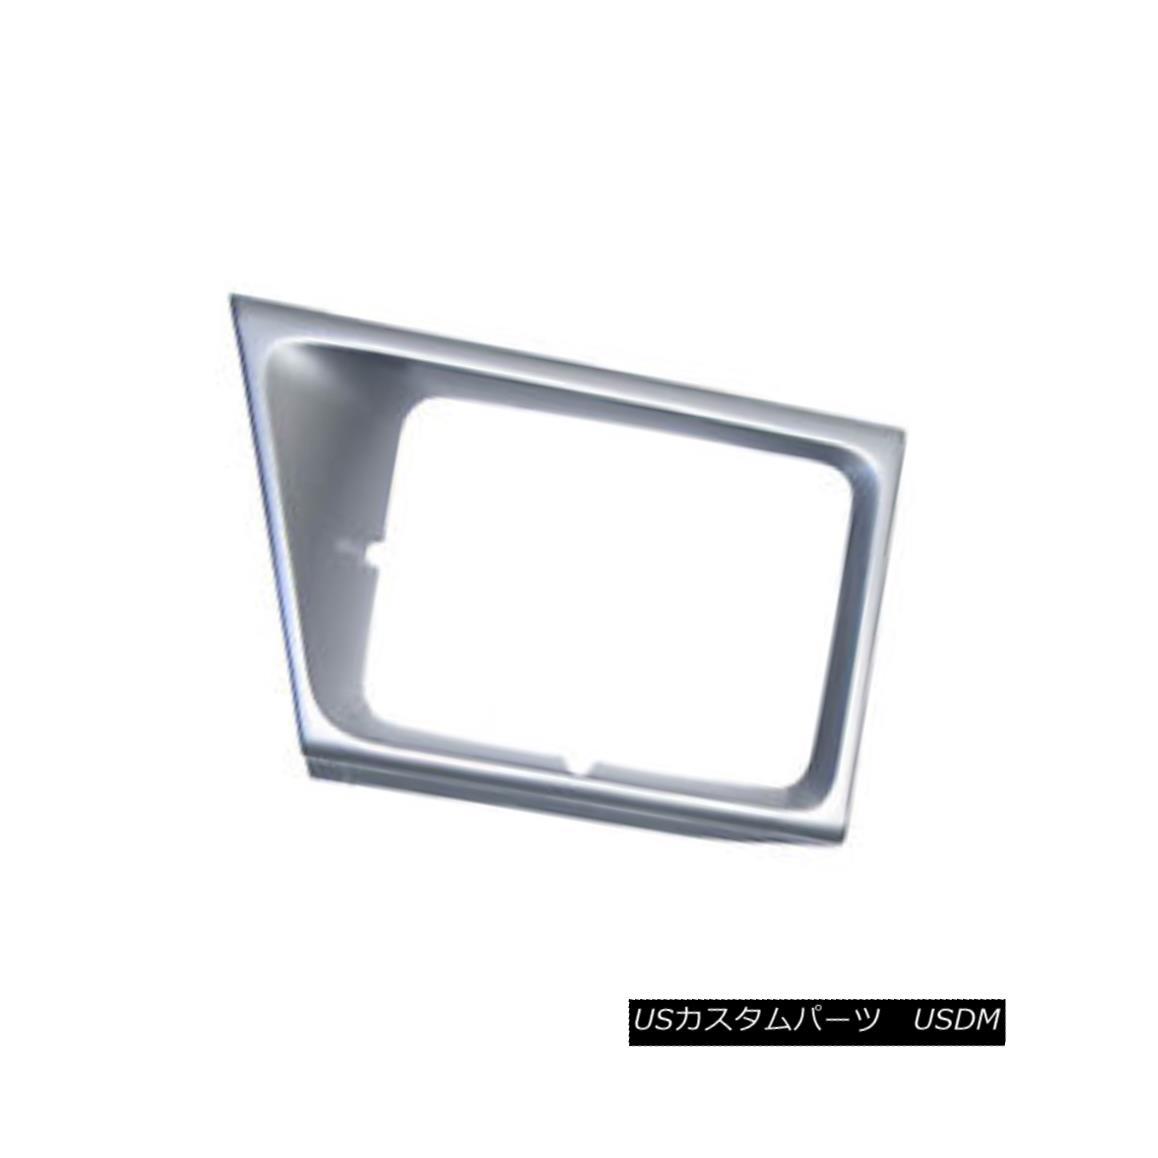 グリル New Headlight Door Silver Passenger Side Use w/Sealed Beam Lamps 630-00973R 密閉されたビームランプ630-00973Rで新しいヘッドライトドアシルバーの旅客側の使用